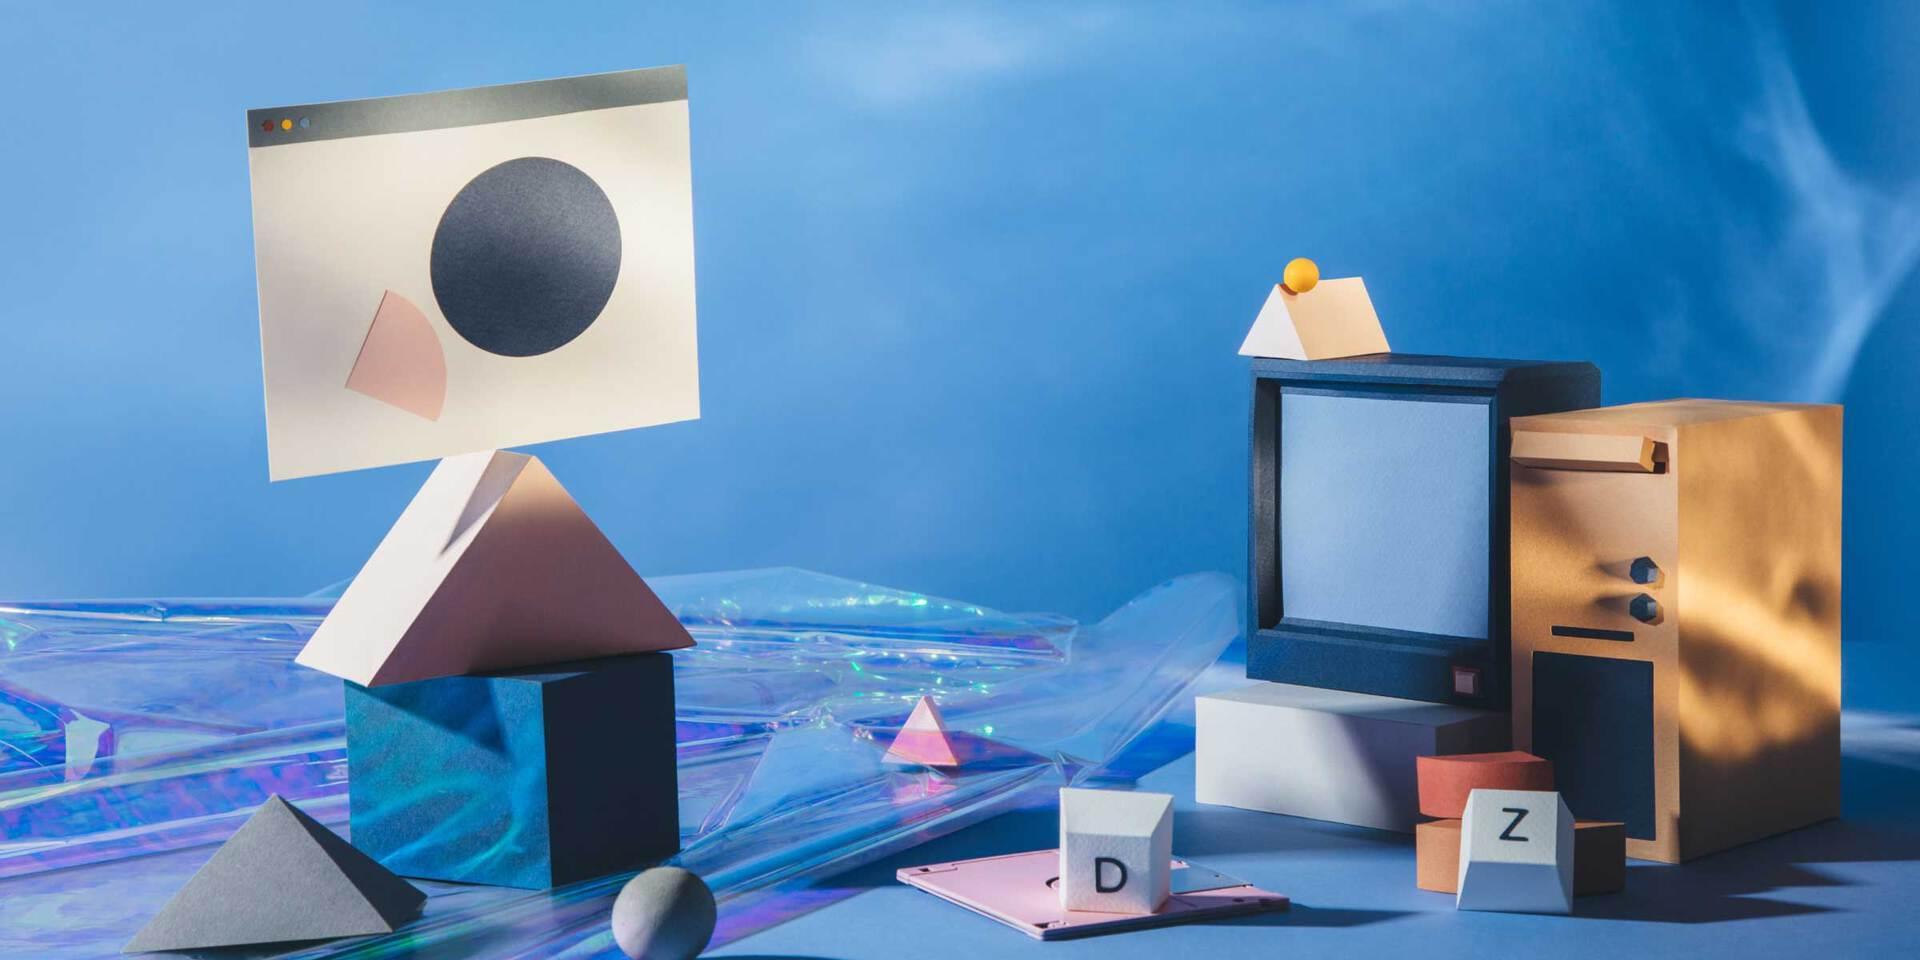 impacto da transformação digital